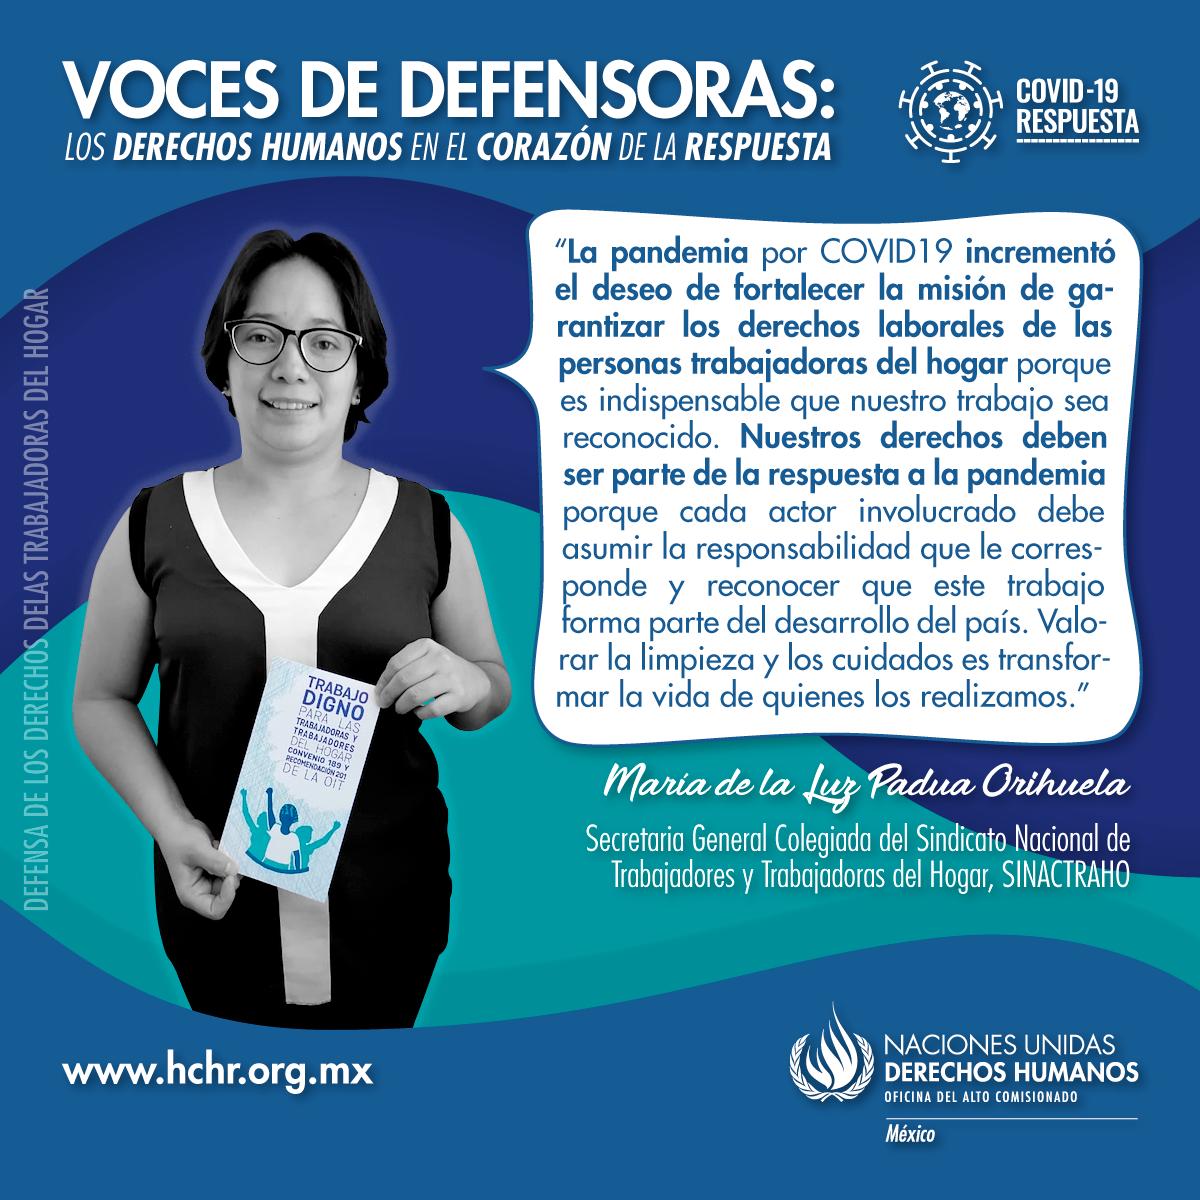 VocesDefensoras_COVID_MariaLuz